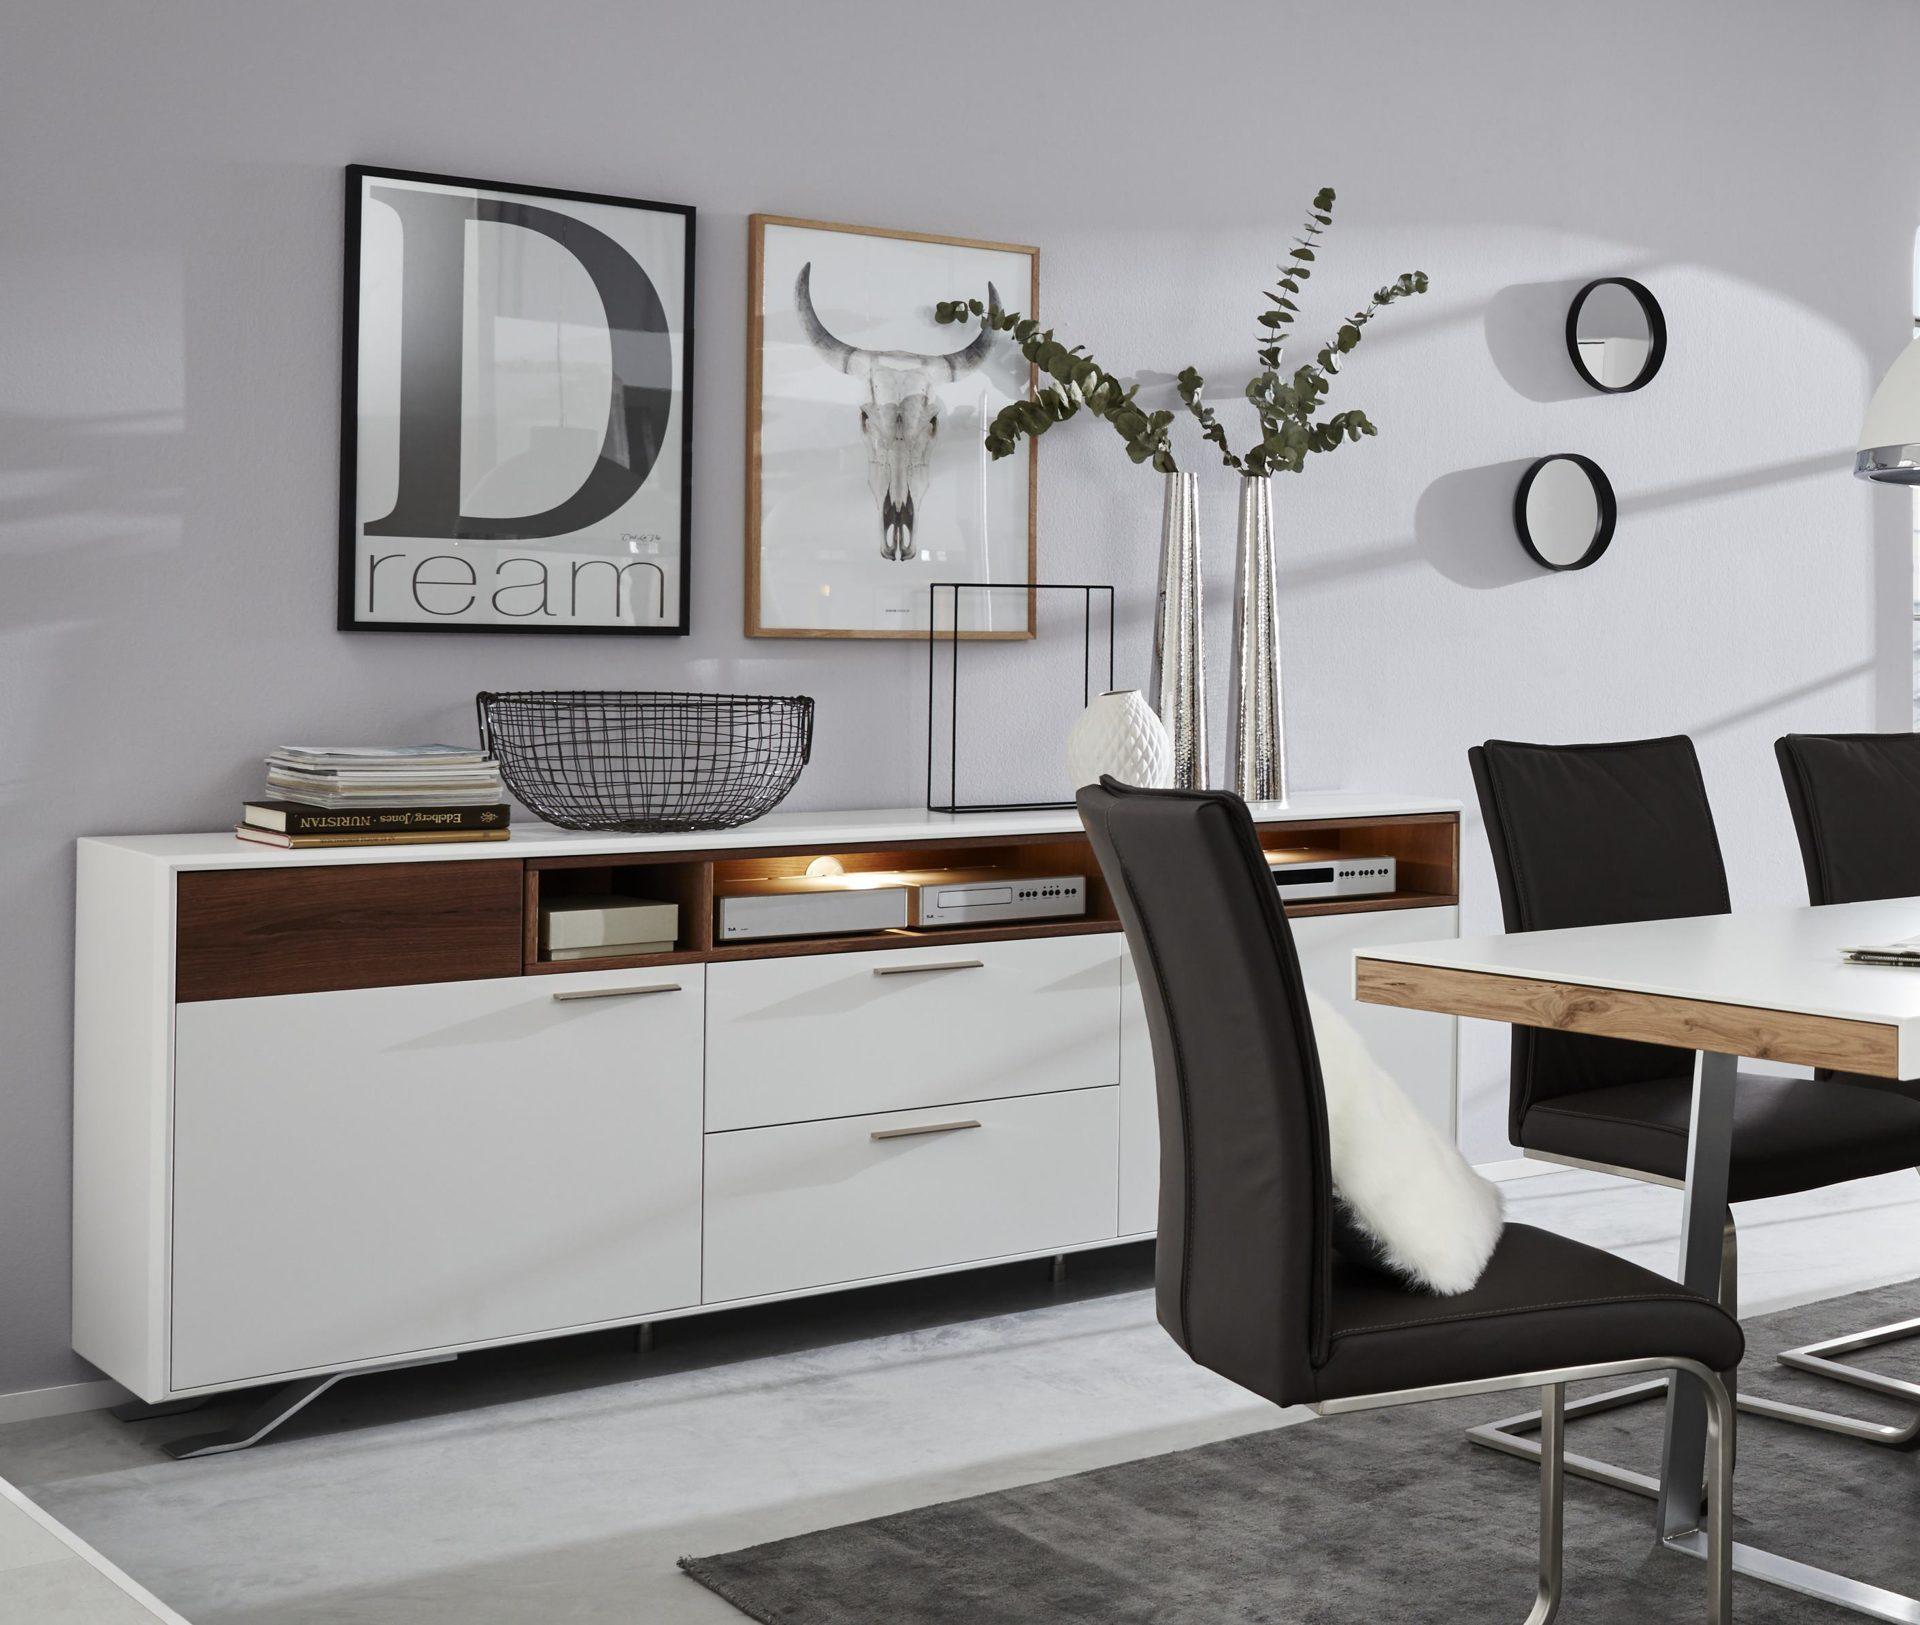 Interliving Wohnzimmer Serie 2102 Sideboard 510366 Mit Beleuchtung Dunkles Asteiche Furnier Weisser Mattlack Metallkufen